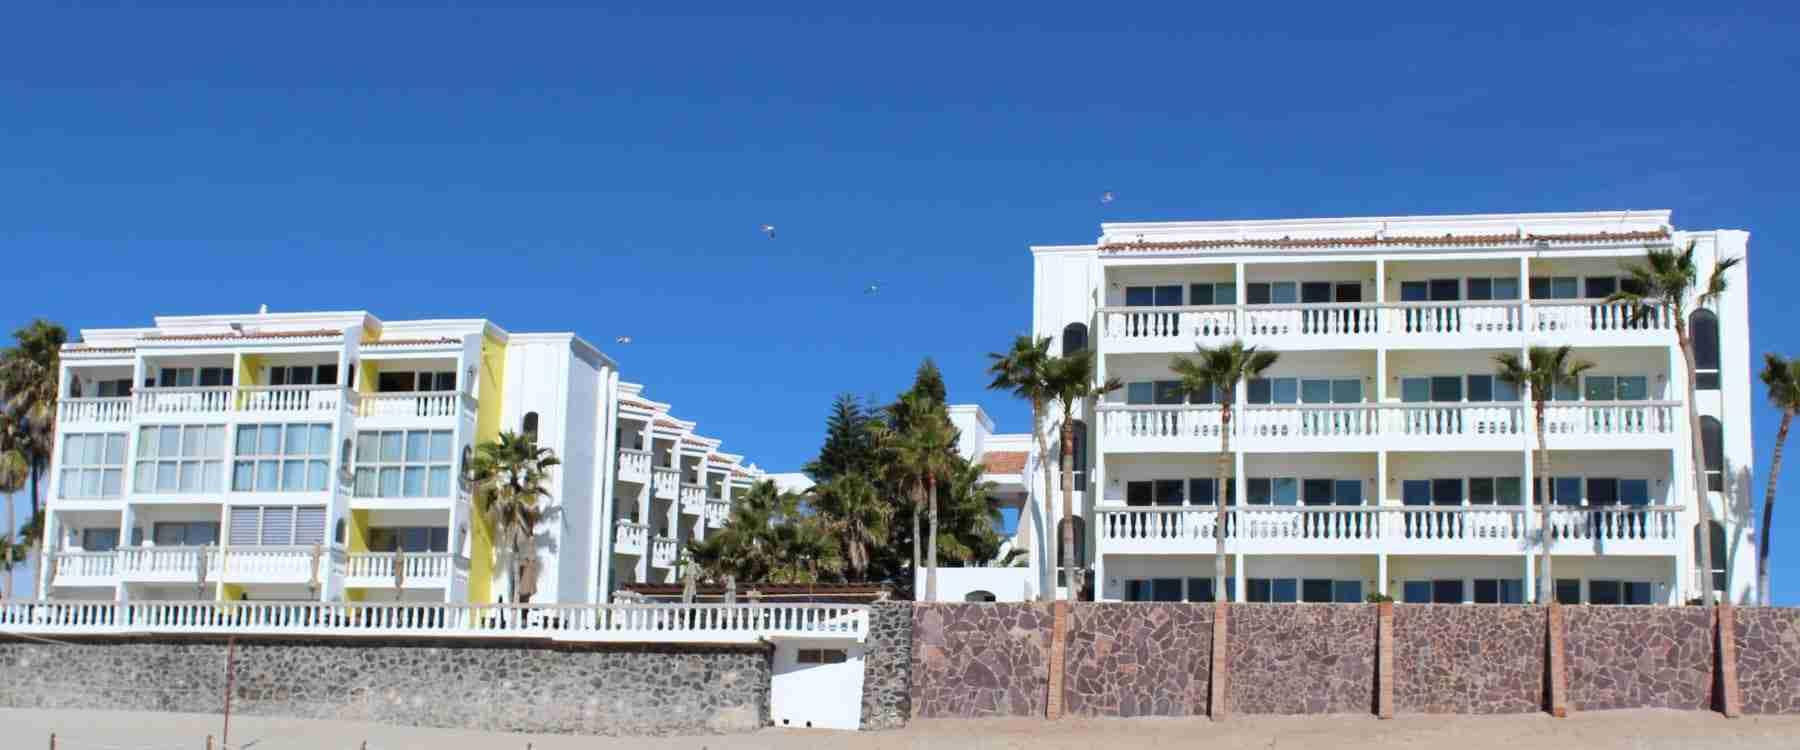 Playa Bonita Hotel in Puerto Penasco Mexico (Rocky Point).